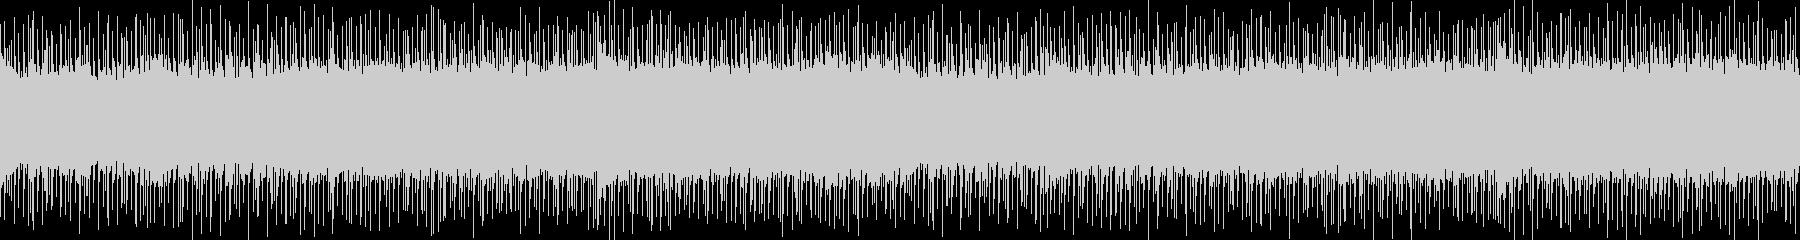 シンセとエレキギターの熱いロックサウンドの未再生の波形